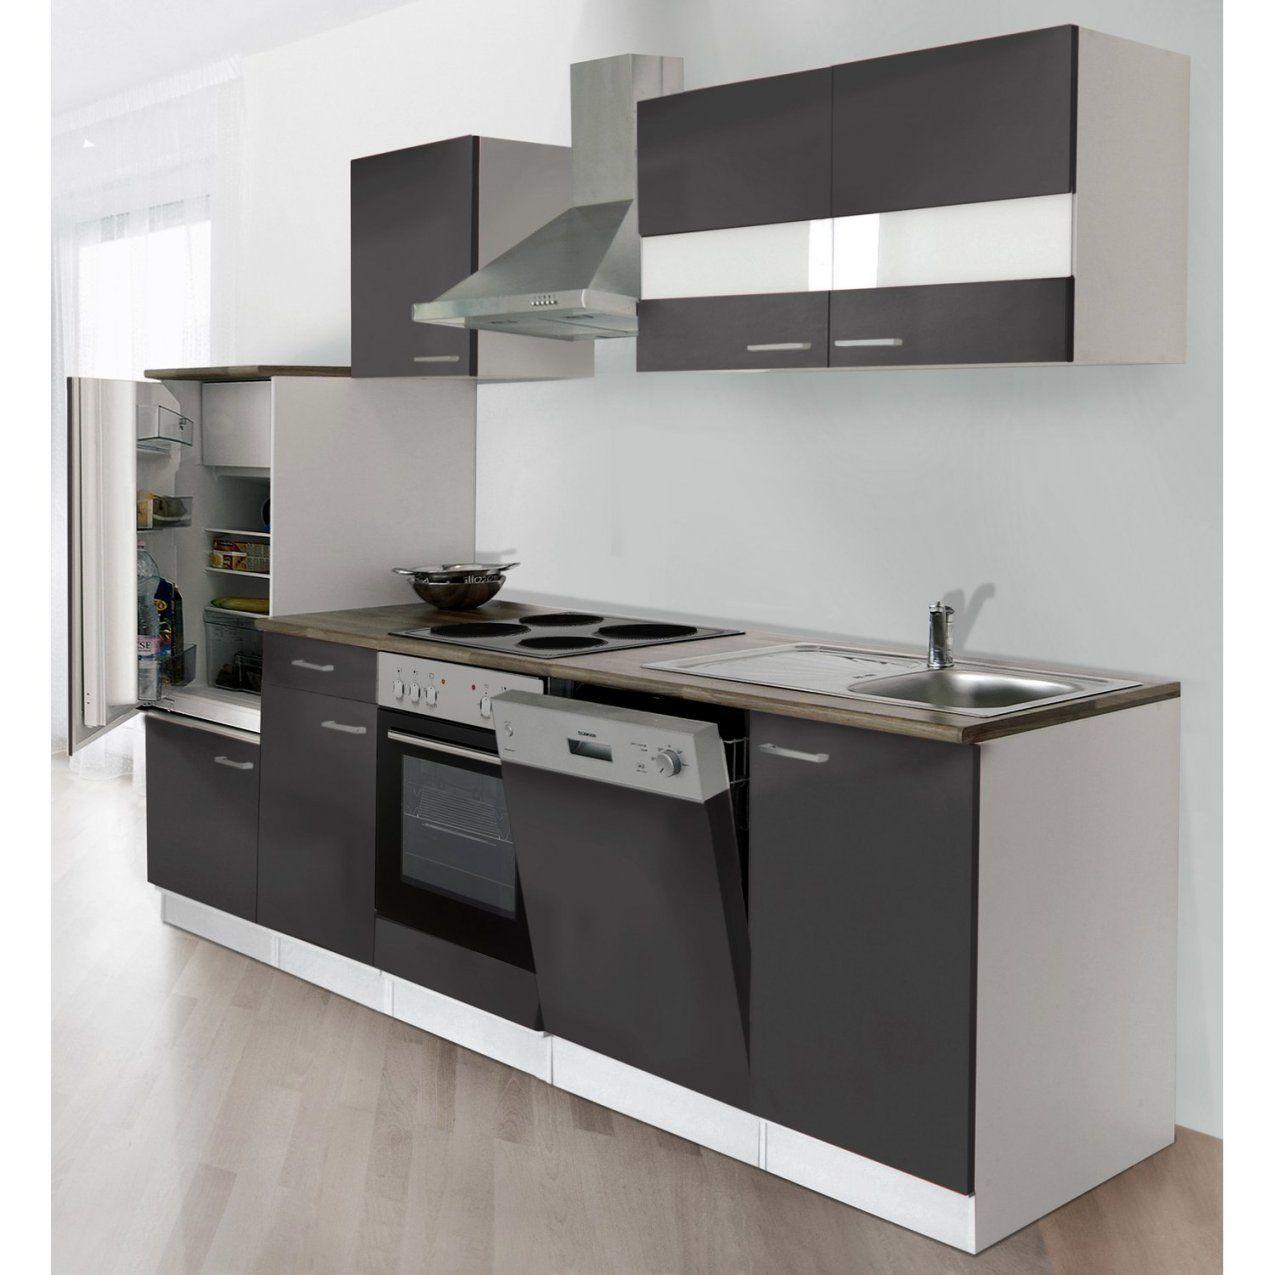 Küchenzeilen & Miniküchen Günstig Online Kaufen Bei Obi von Küchenzeile 260 Cm Mit Elektrogeräten Photo